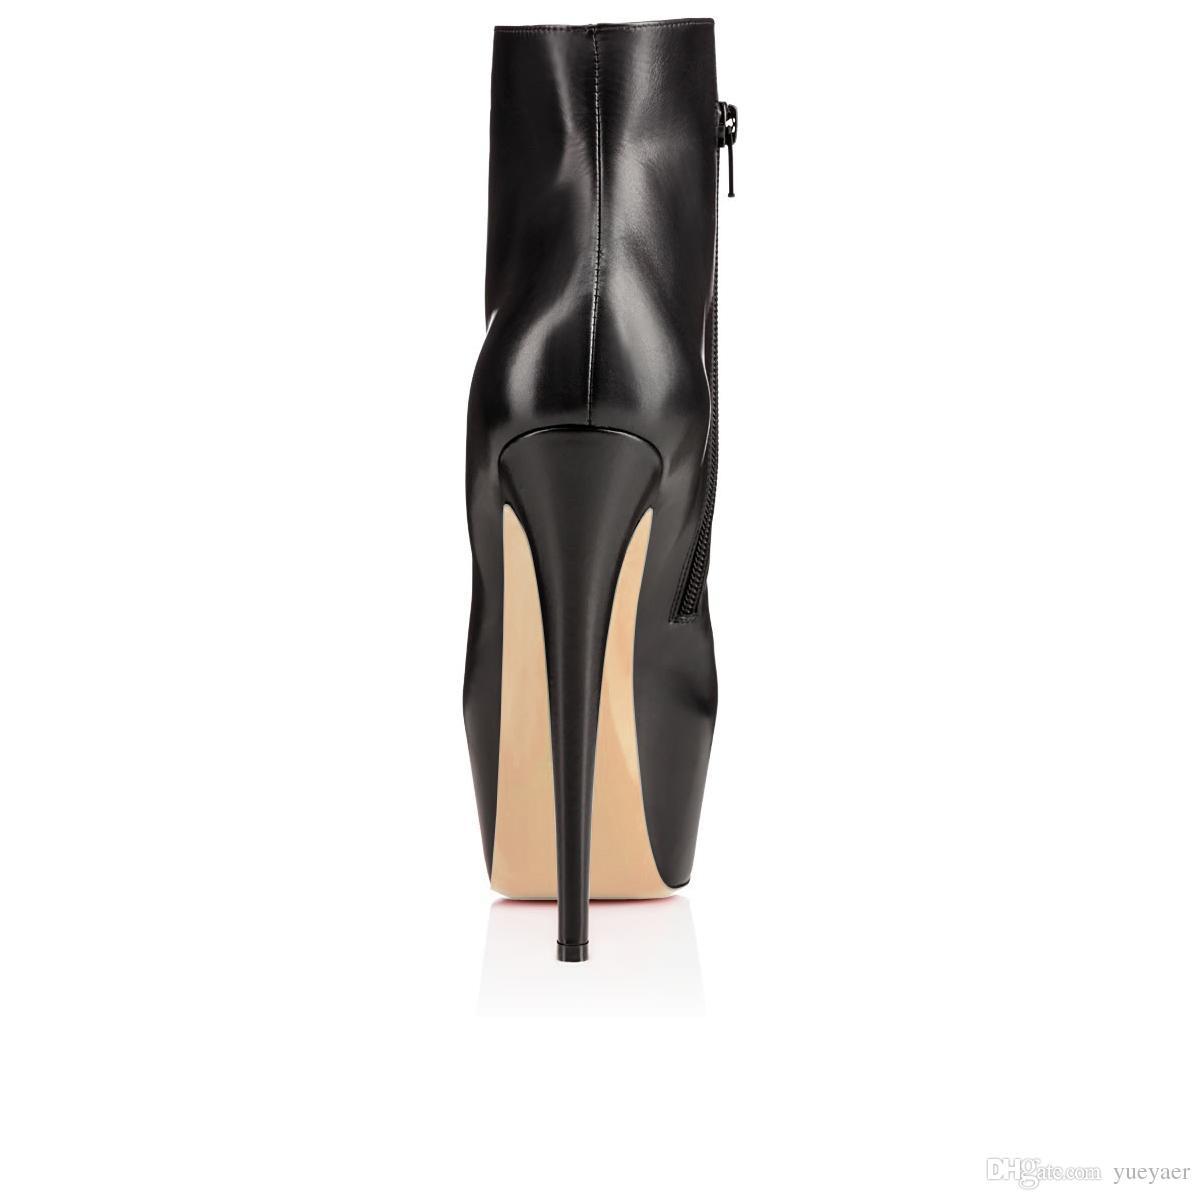 Karmran Kadınlar El Yapımı Moda Beif Ganimet 150mm Platformu Sıcak Stil Parti Elbise Yüksek Topuk Ayak Bileği Çizmeler Siyah Z70530